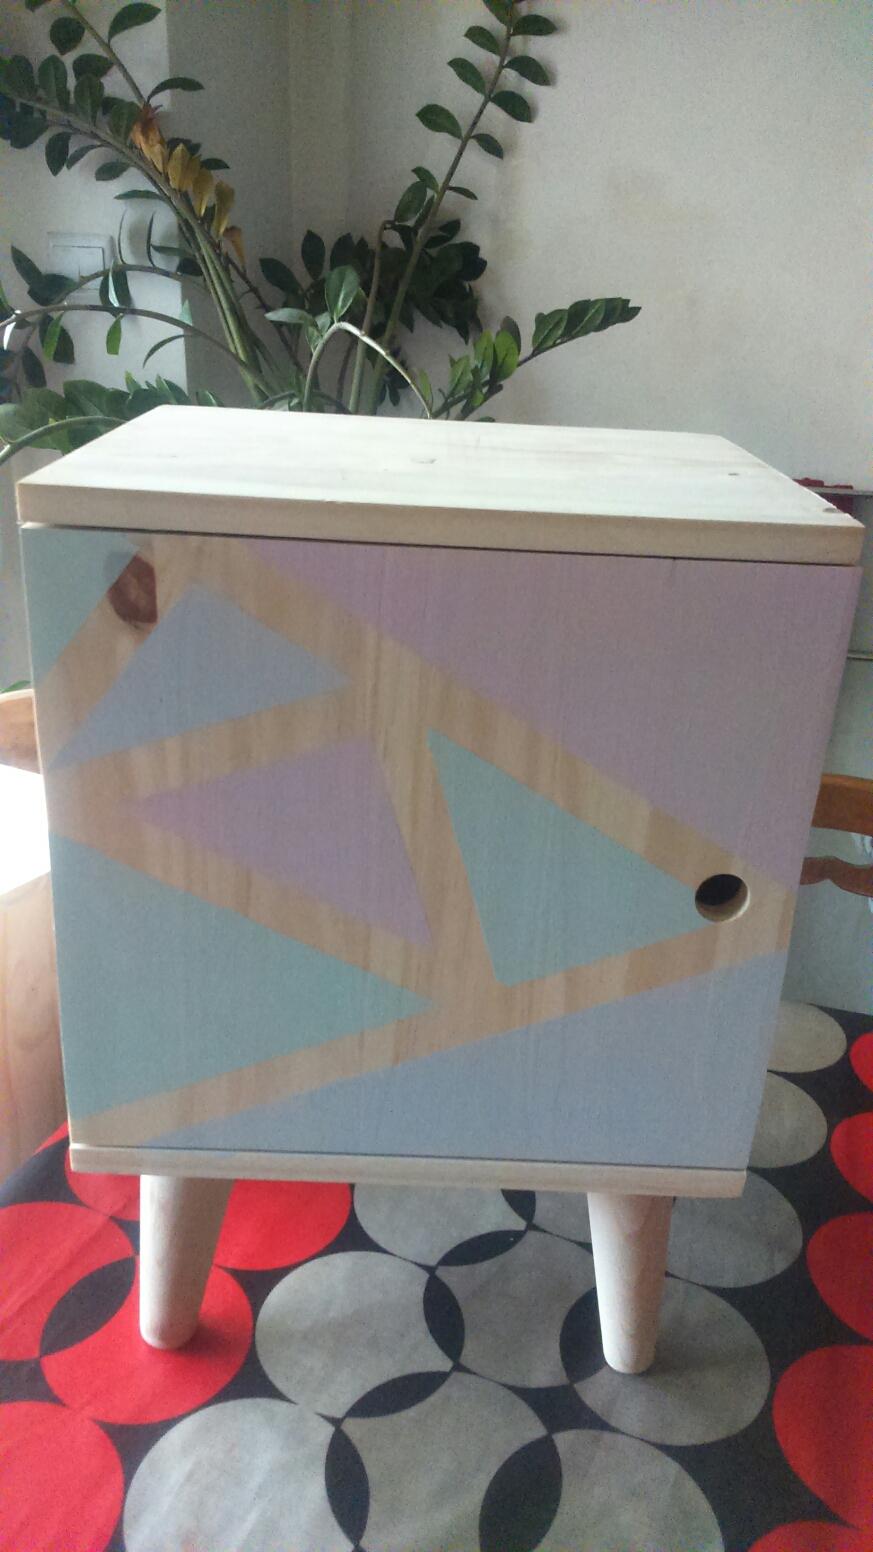 comment fabriquer une table de chevet style scandinave pour moins de 50 euros. Black Bedroom Furniture Sets. Home Design Ideas